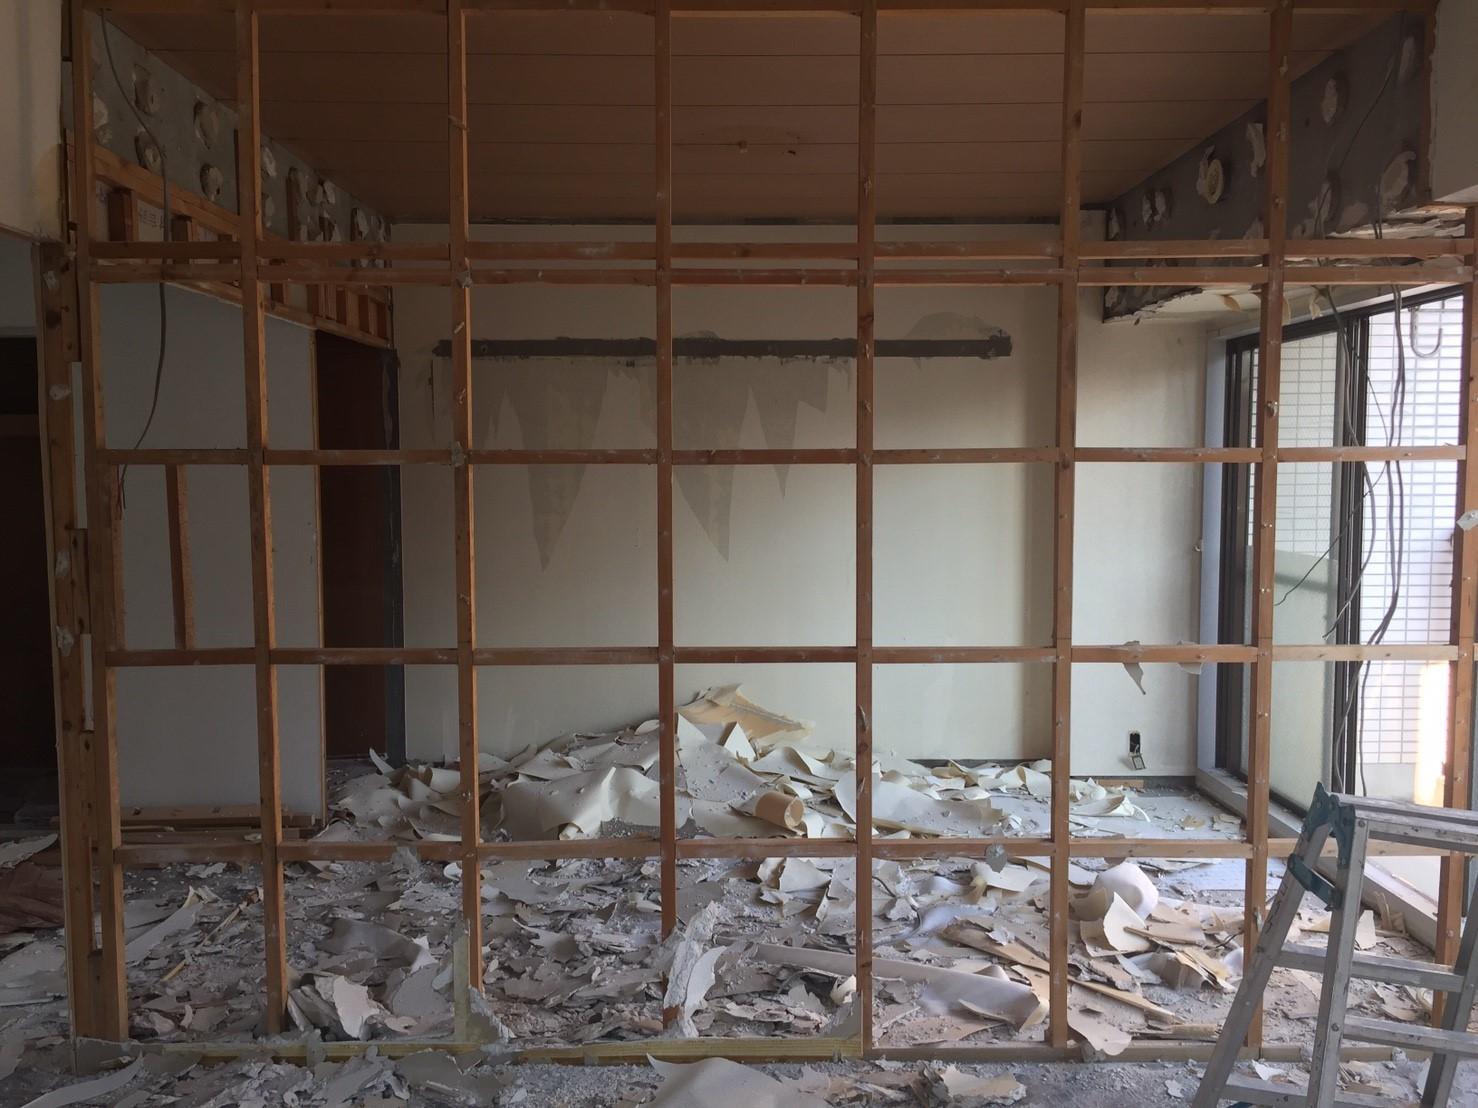 間仕切り壁の撤去中 《 AsiaHome(エイジアホーム)移転に伴うリノベーション工事 》